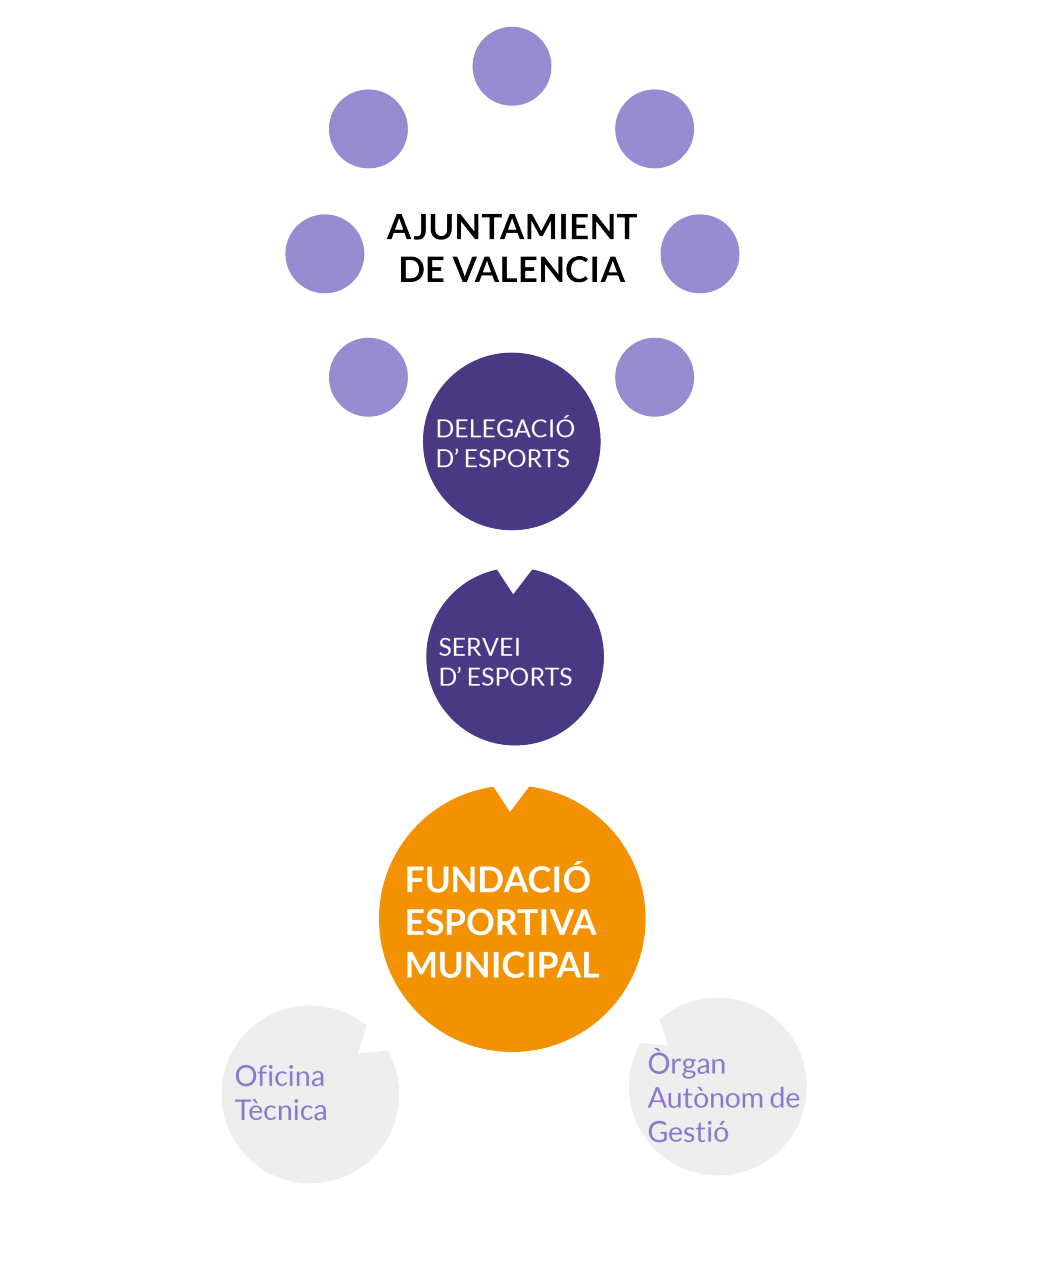 Model de gestió de la Fundació Esportiva Municipal (FDM) de València